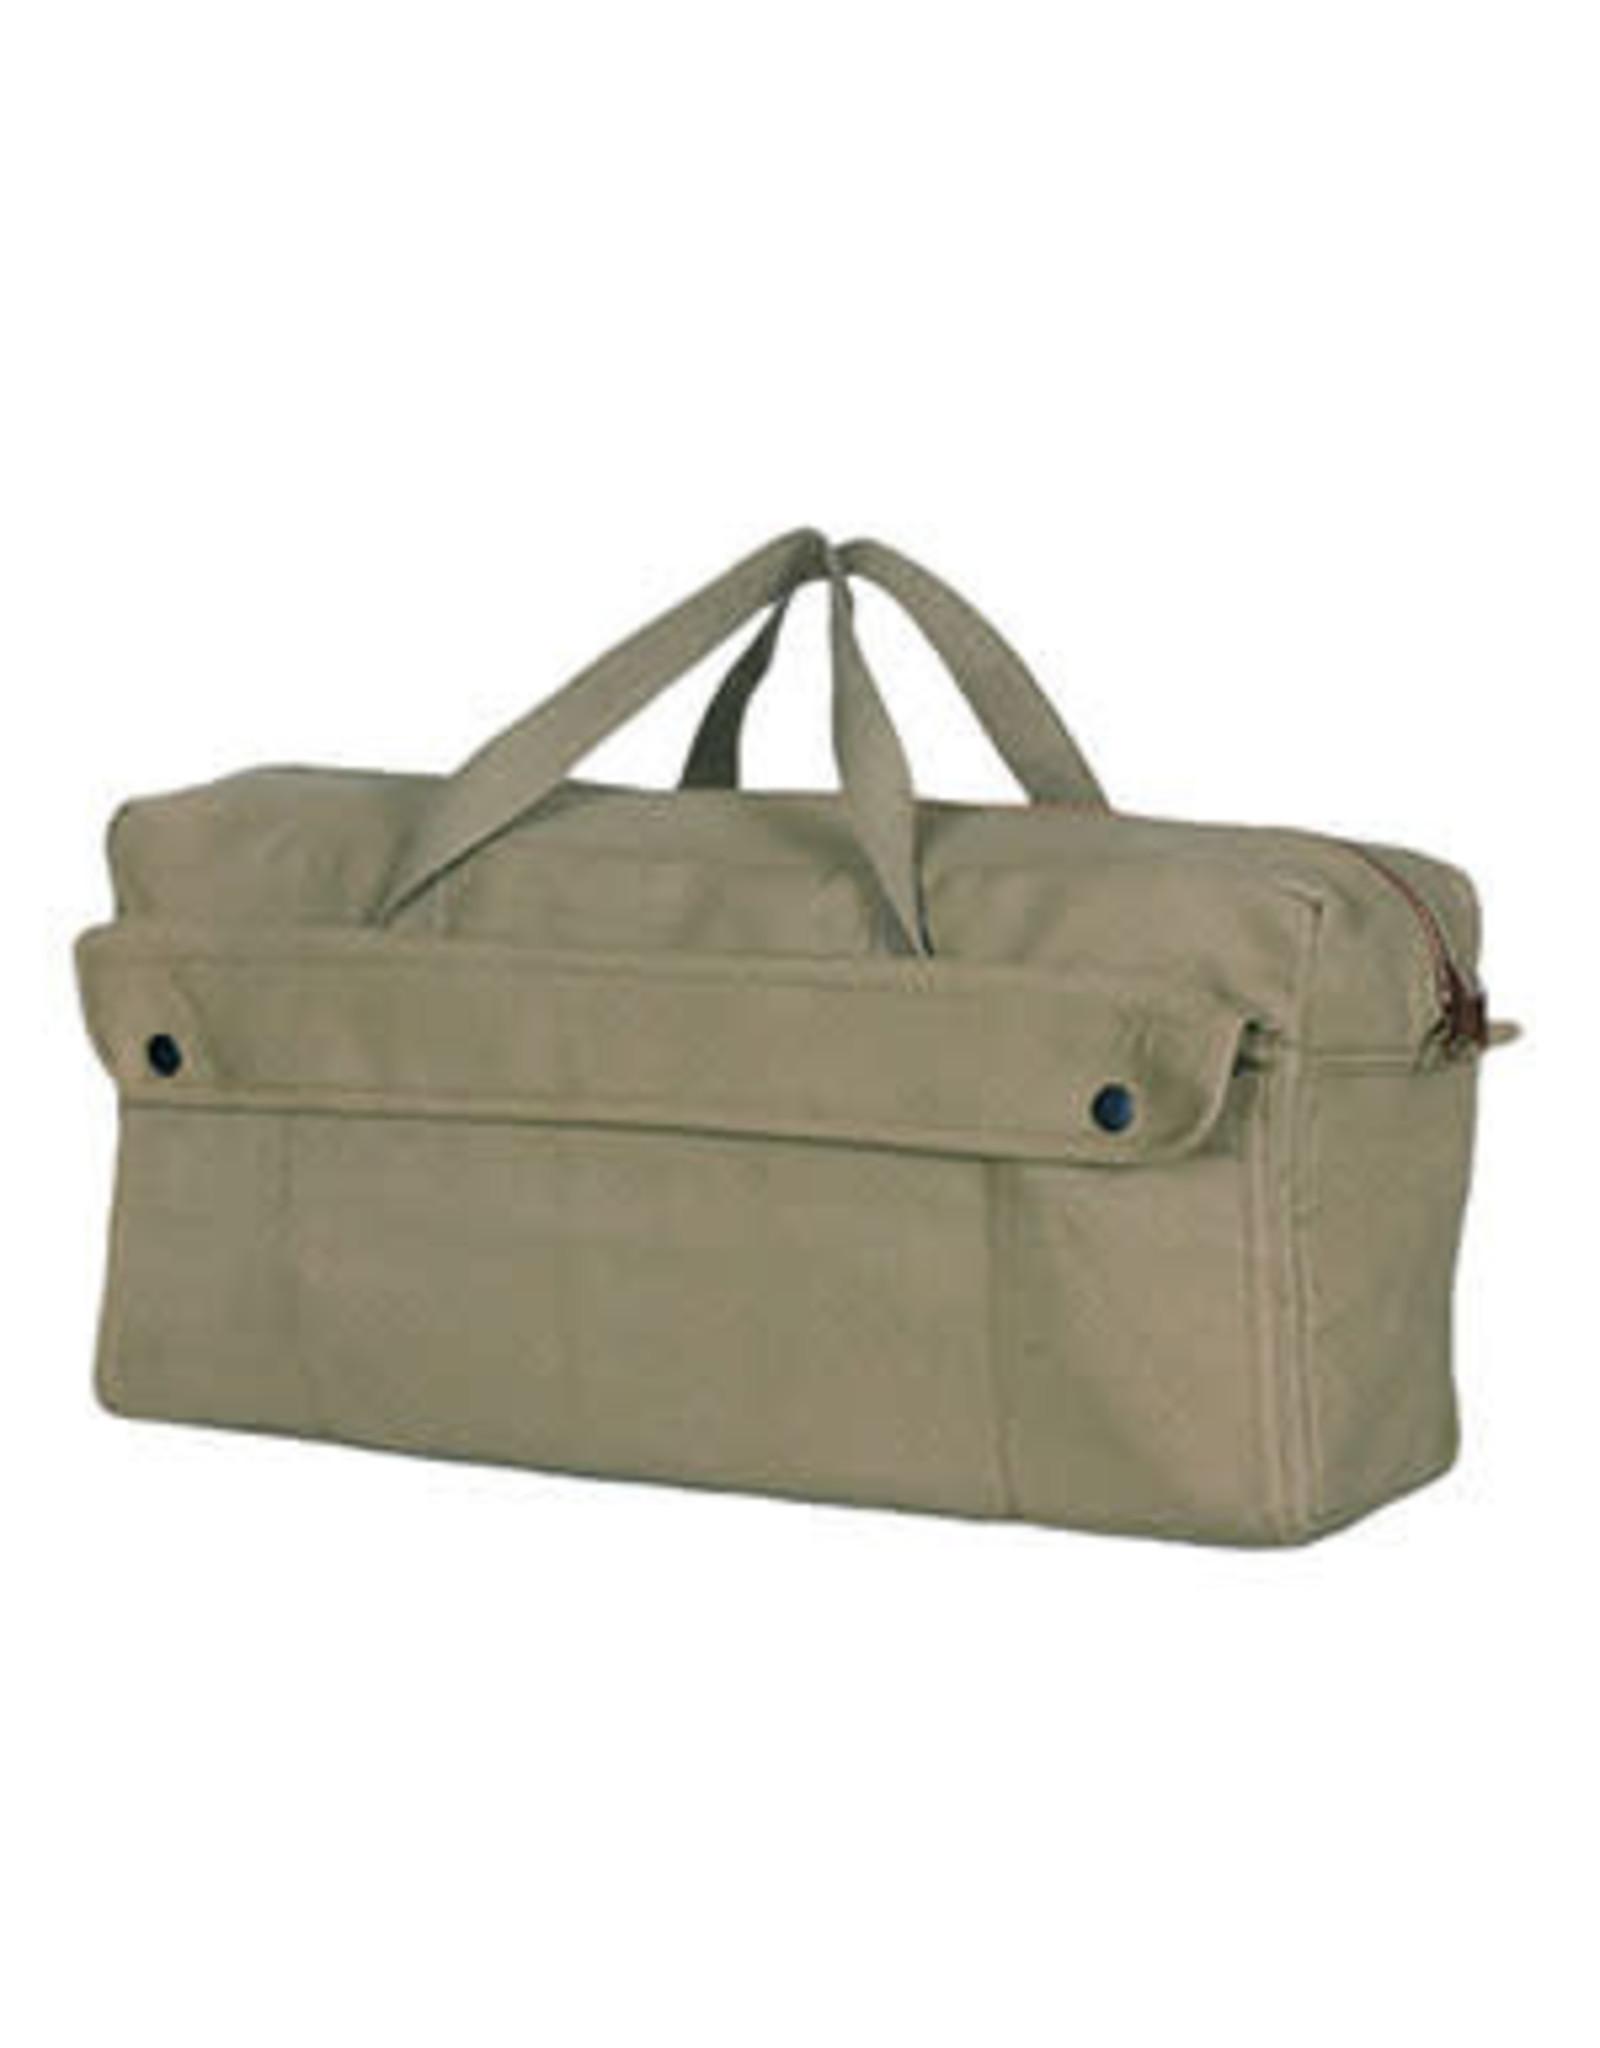 Mechanic's Jumbo Tool Bag